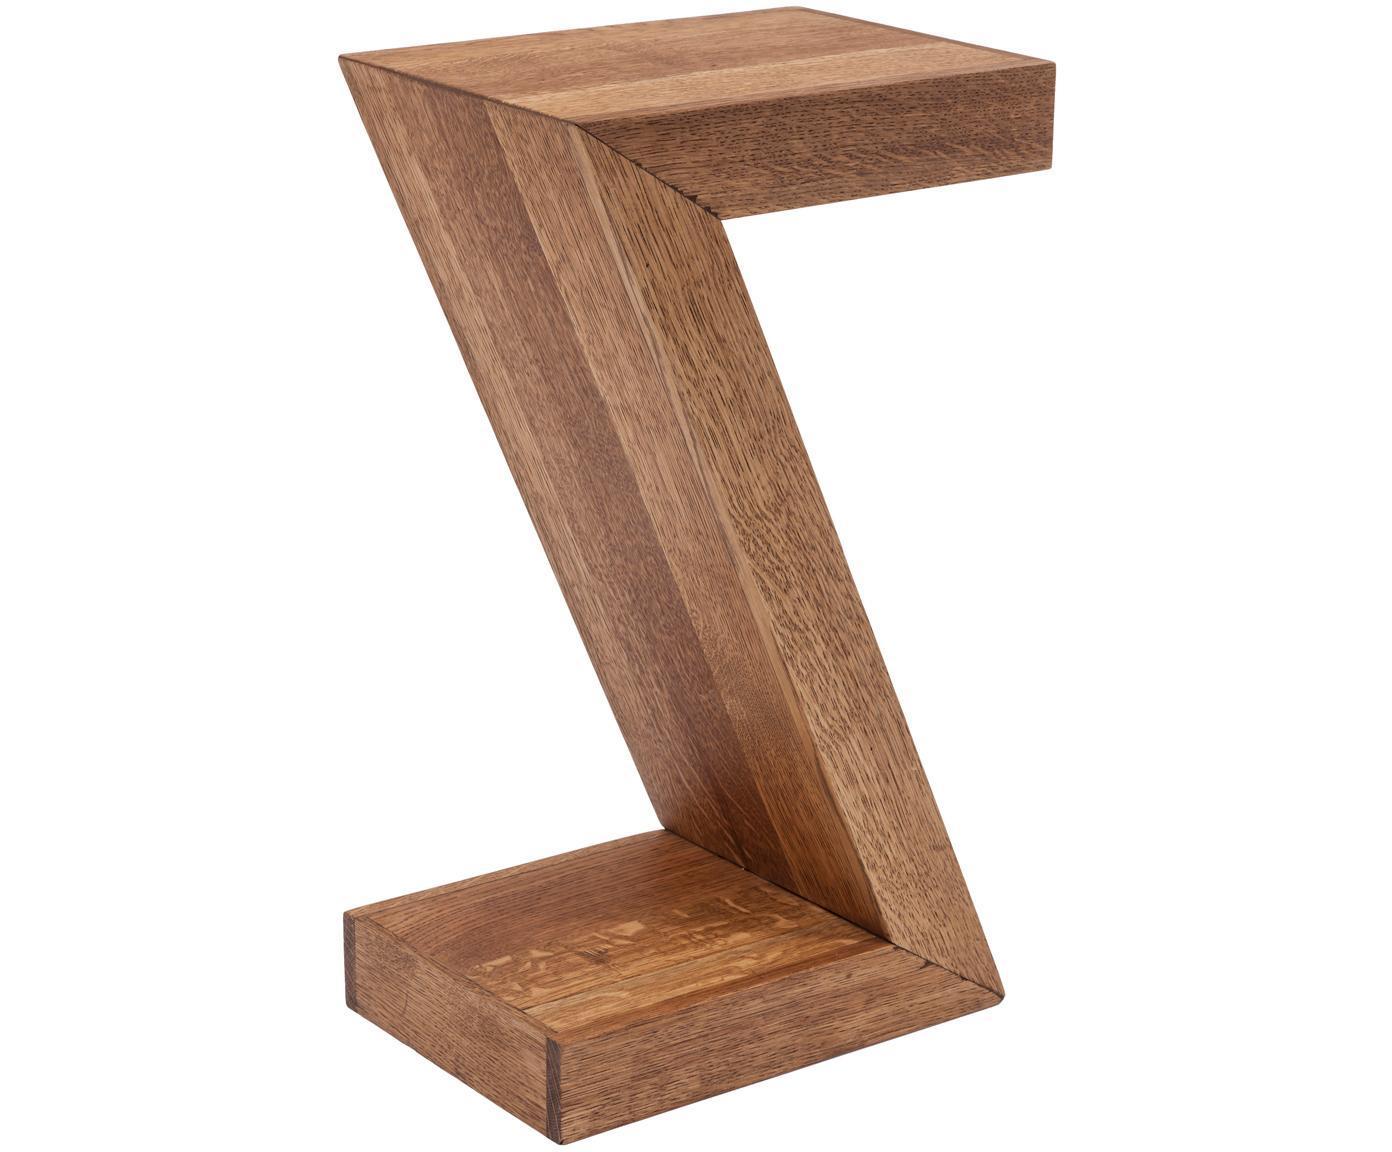 Tavolino in legno di quercia Attento, Legno di quercia, massiccio, oliato, Legno di quercia, Larg. 30 x Prof. 20 cm